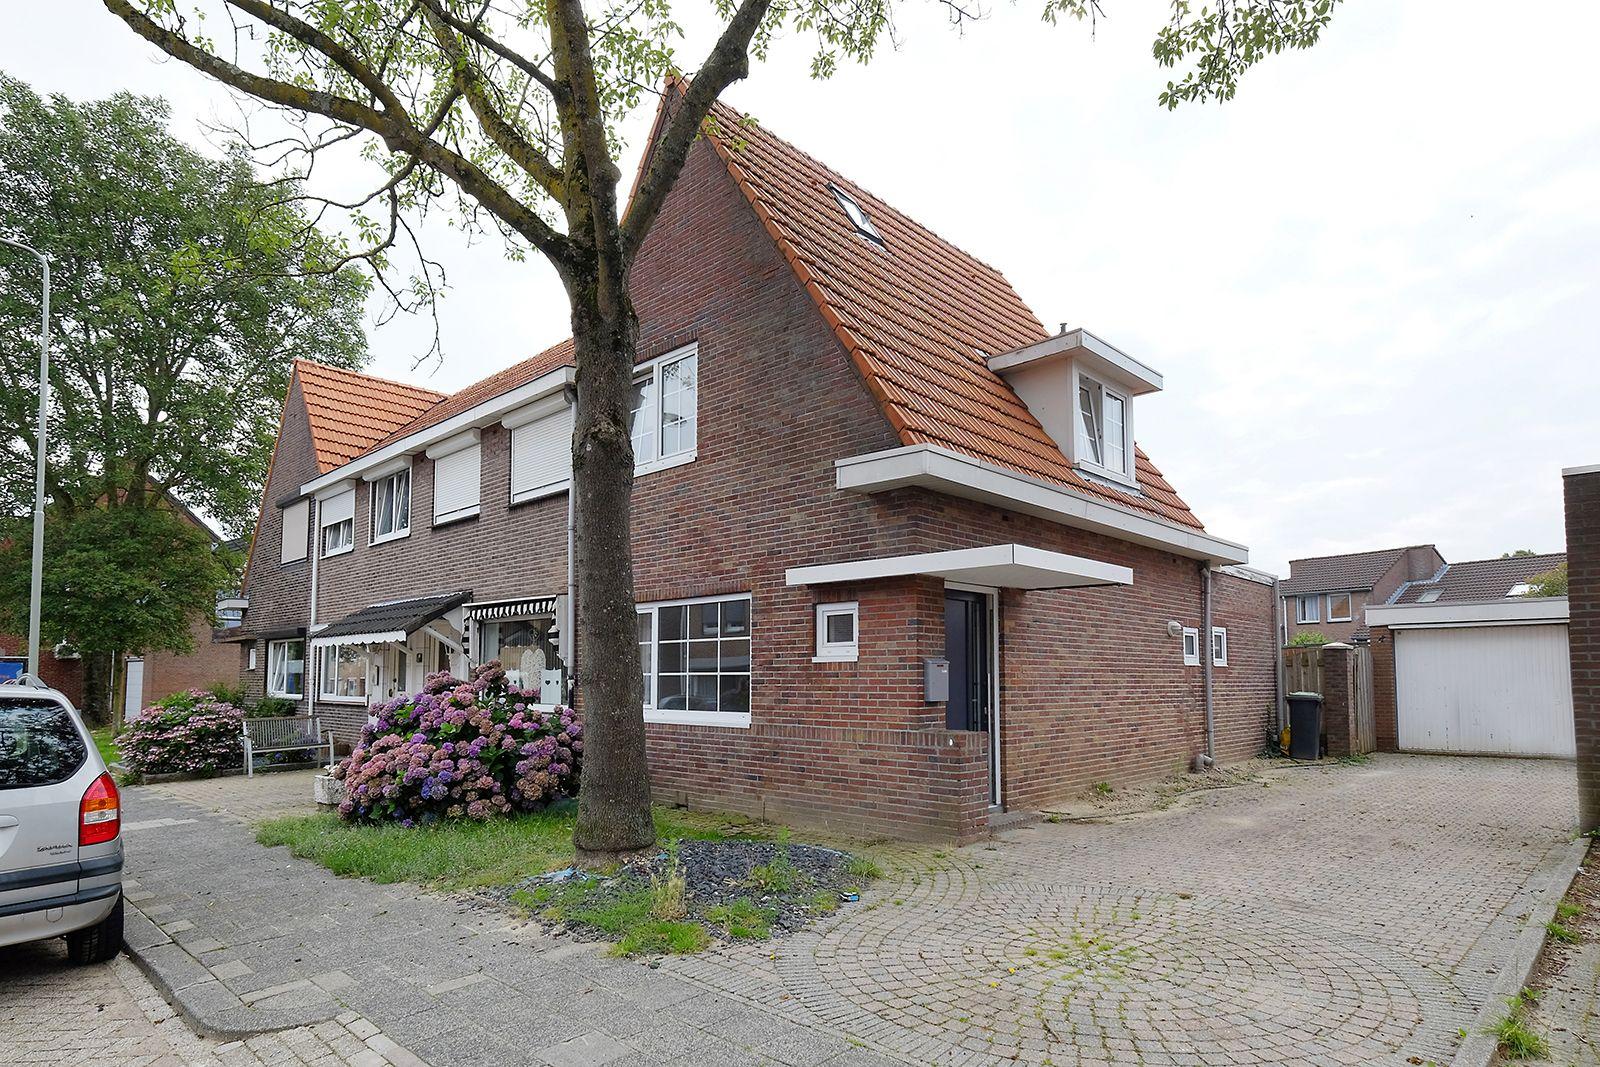 Hovenstraat 28, Landgraaf